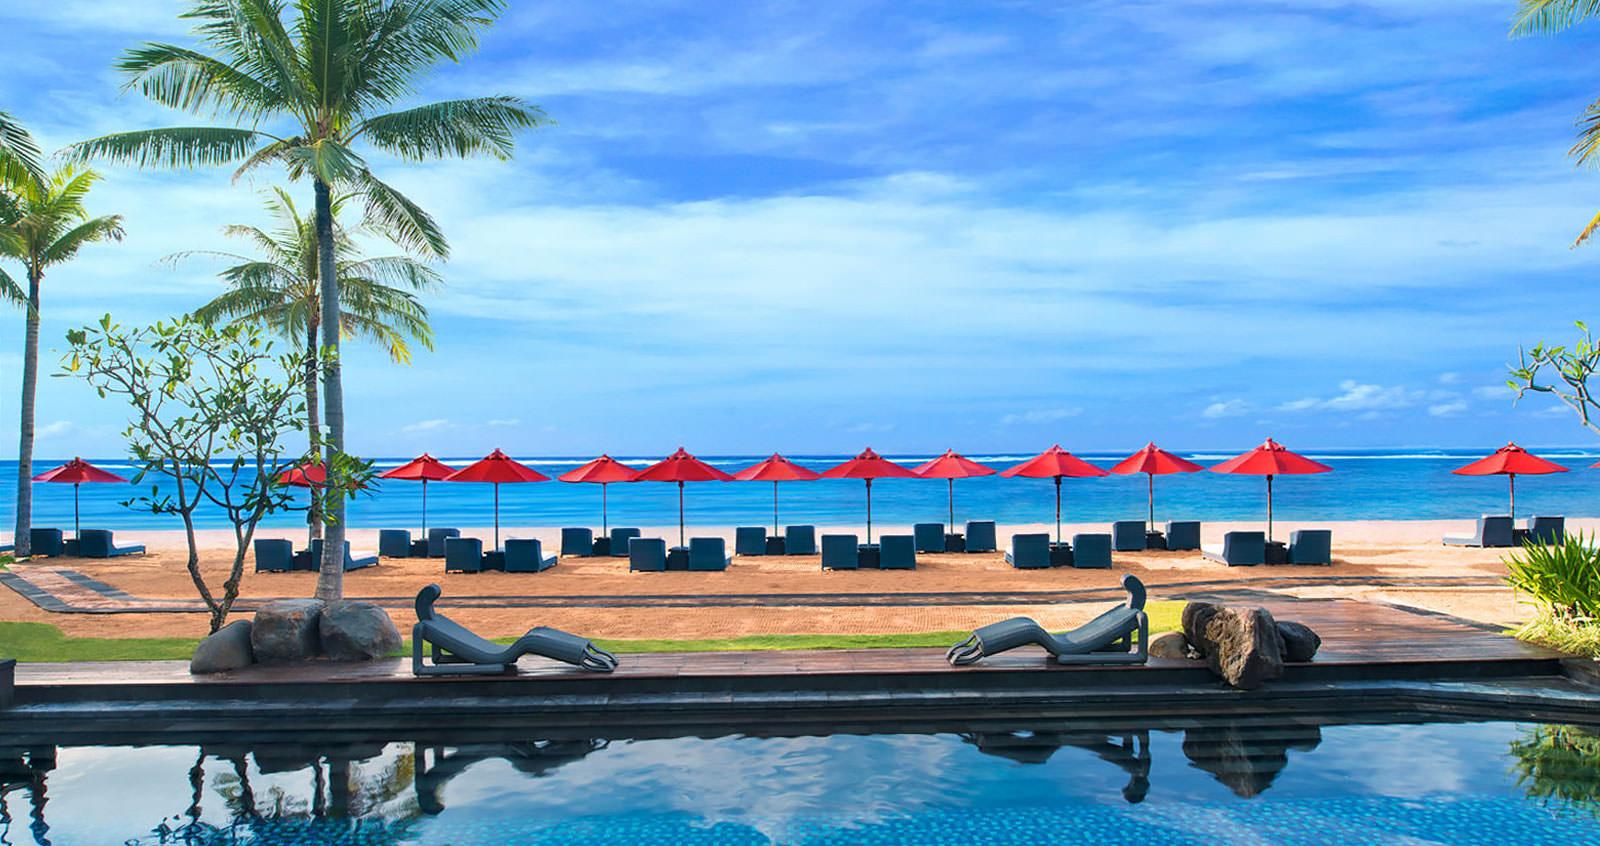 سرگرمی و تفریحات ساحلی در ساحل سانور بالی